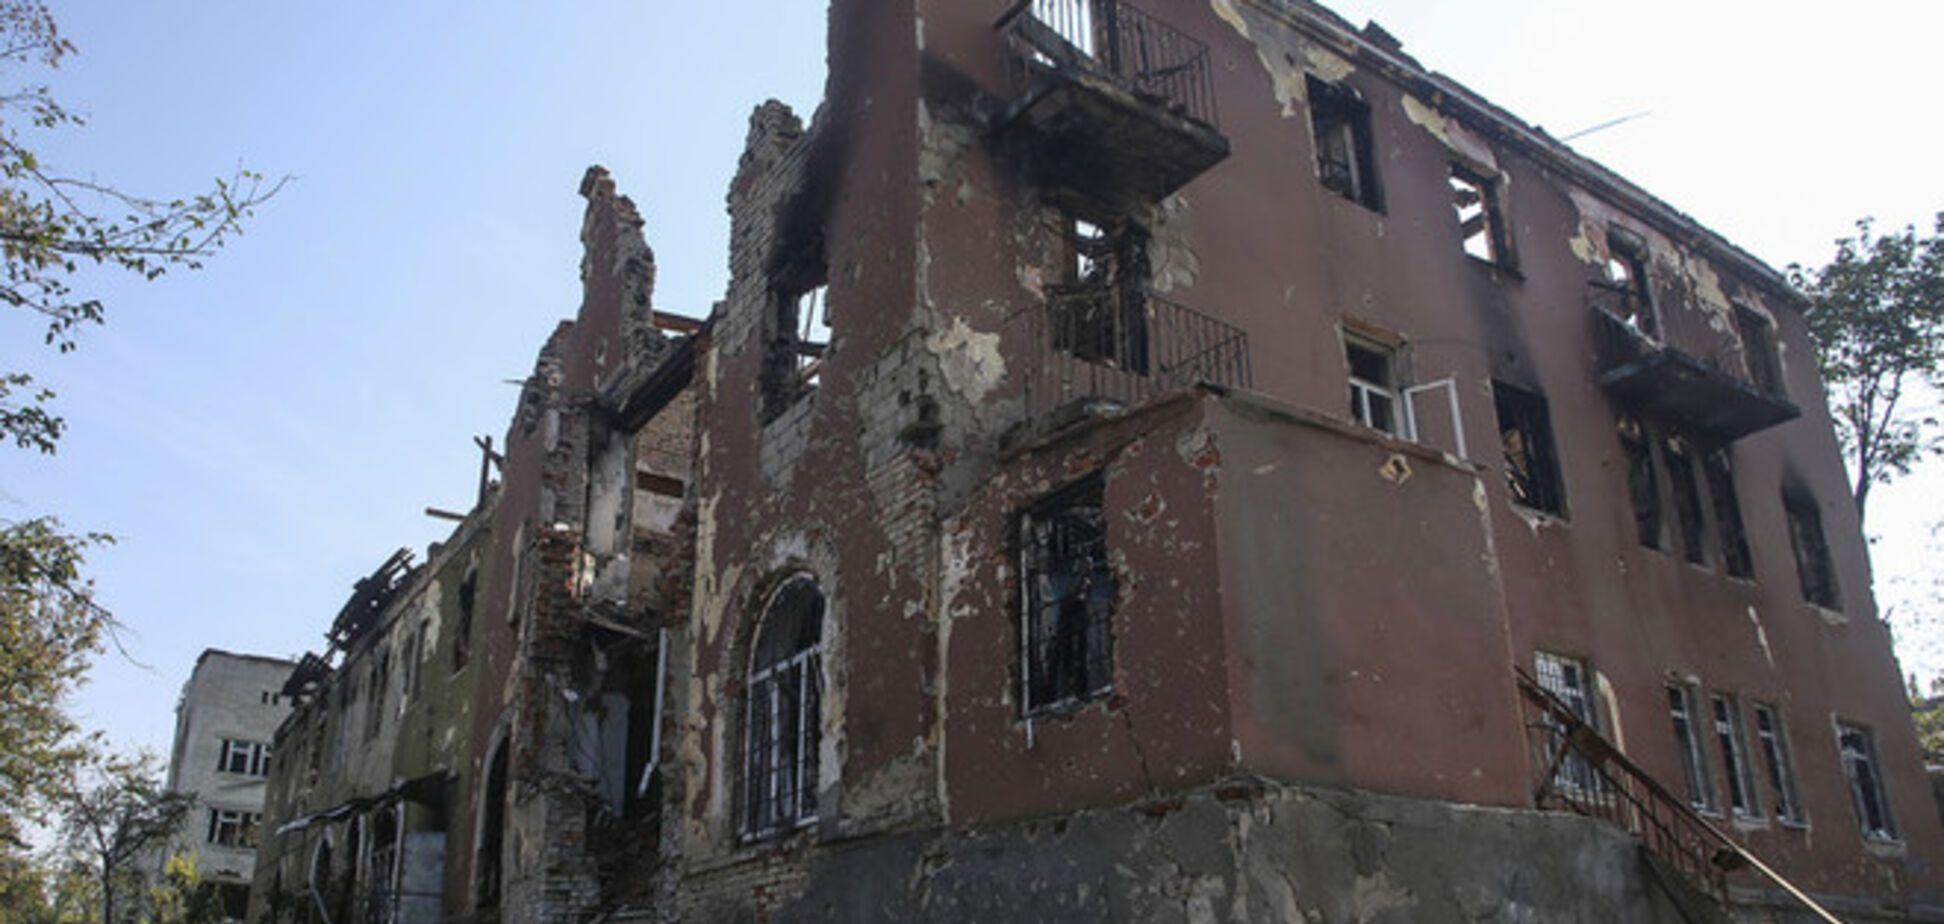 'Внутри мы украинцы, и это не изменится': репортаж Washington Post из Донецка